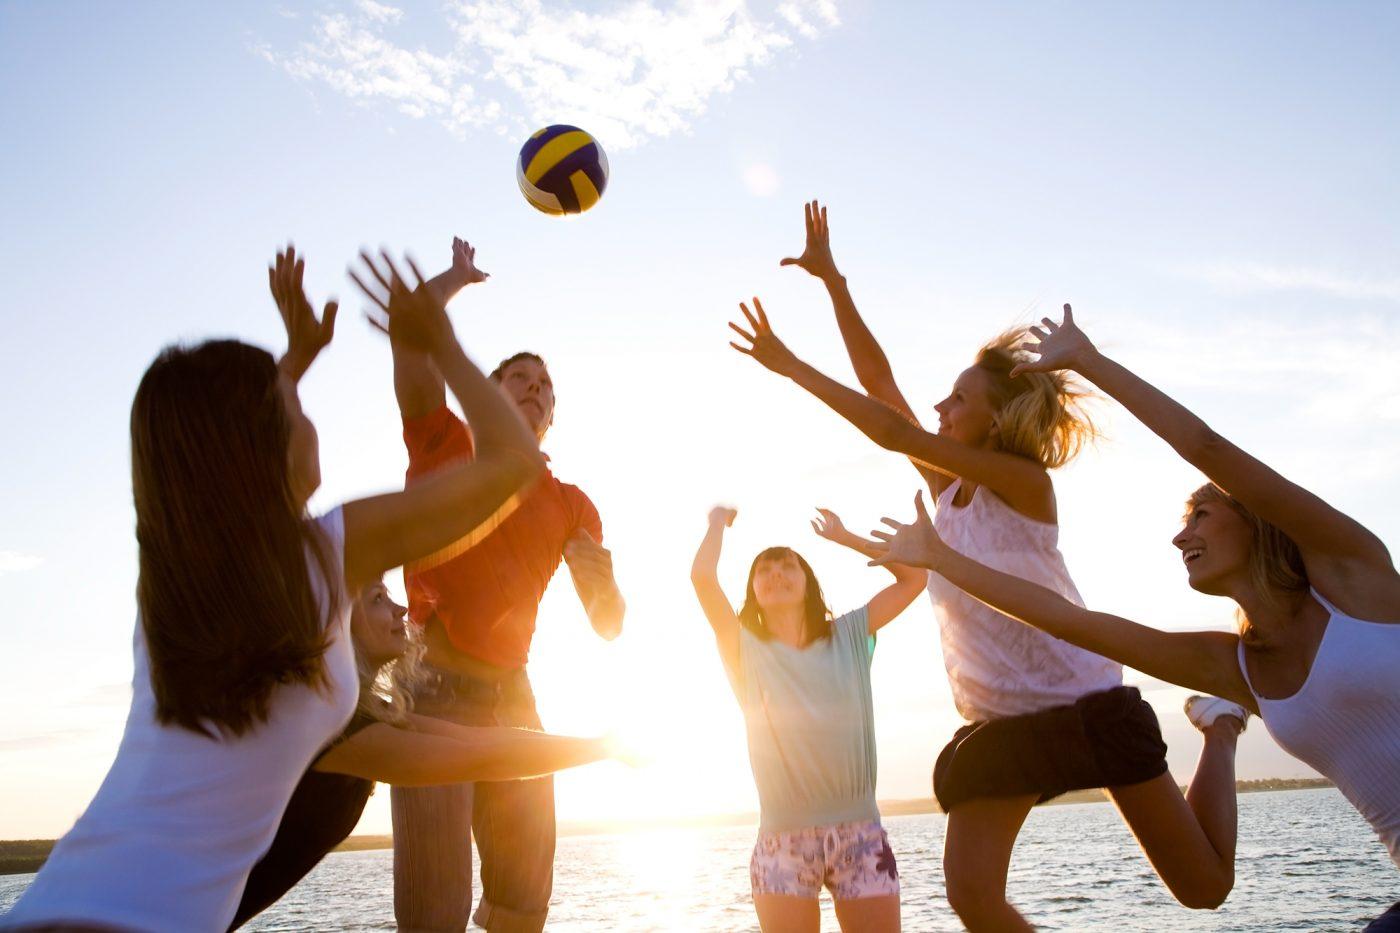 Volleyball-Spieler beim Spiel auf dem Beachvolleyball-Feld